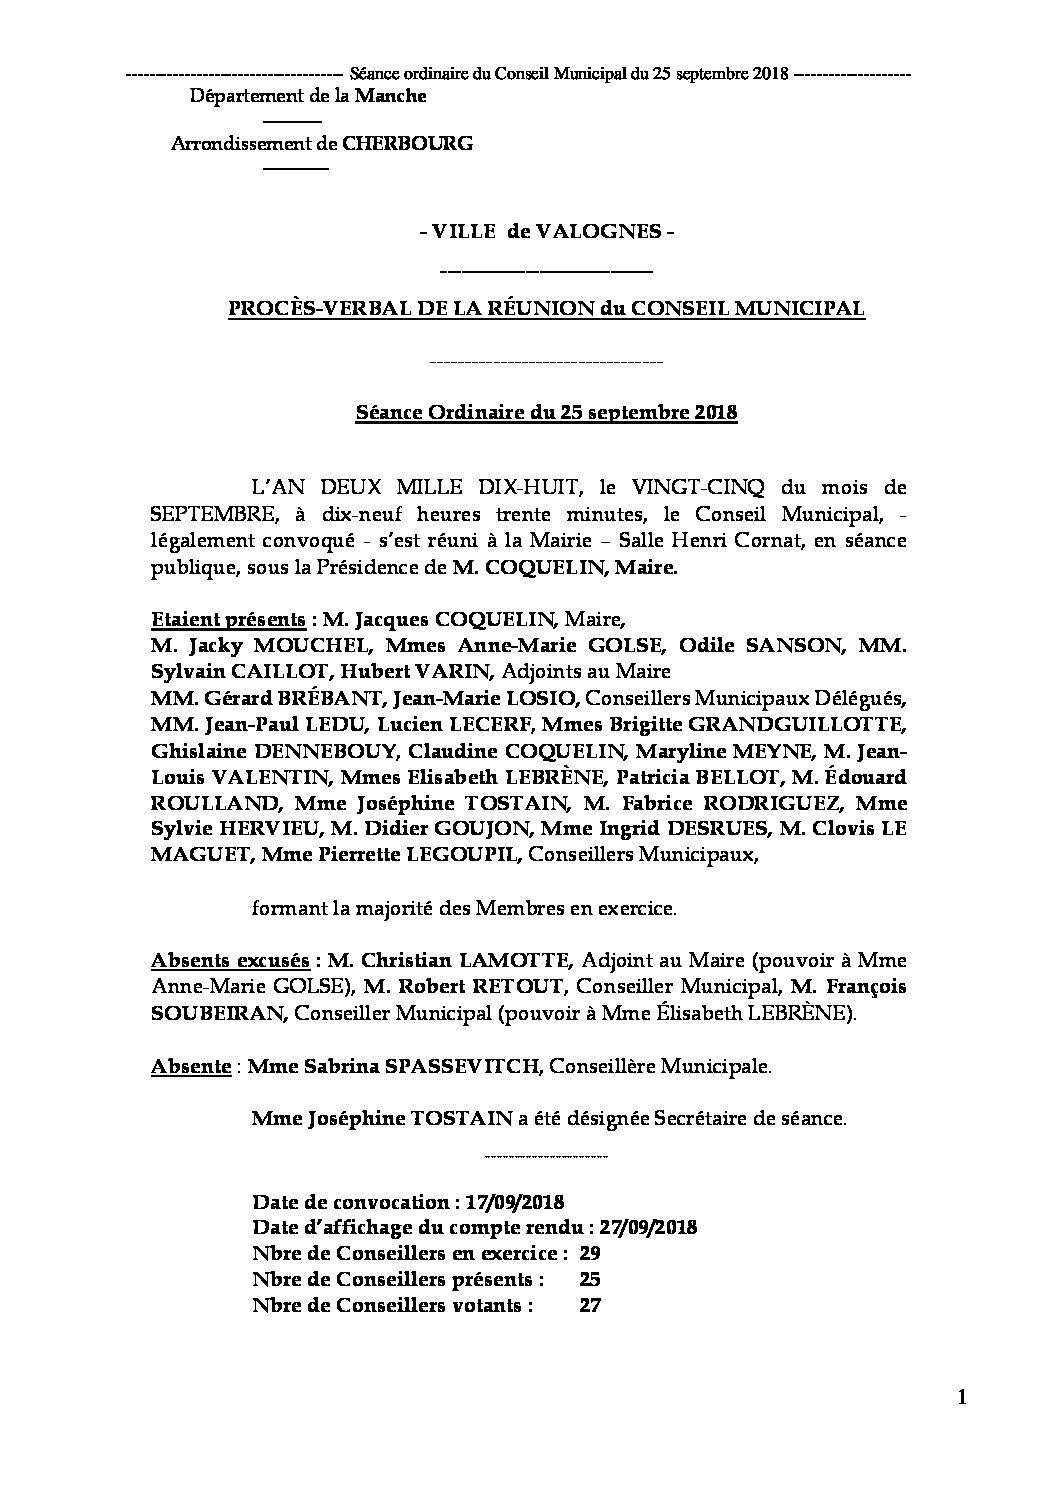 Procès-verbal de Conseil Municipal - Procès-verbal de la réunion du Conseil Municipal du 25 septembre 2018, approuvé à l